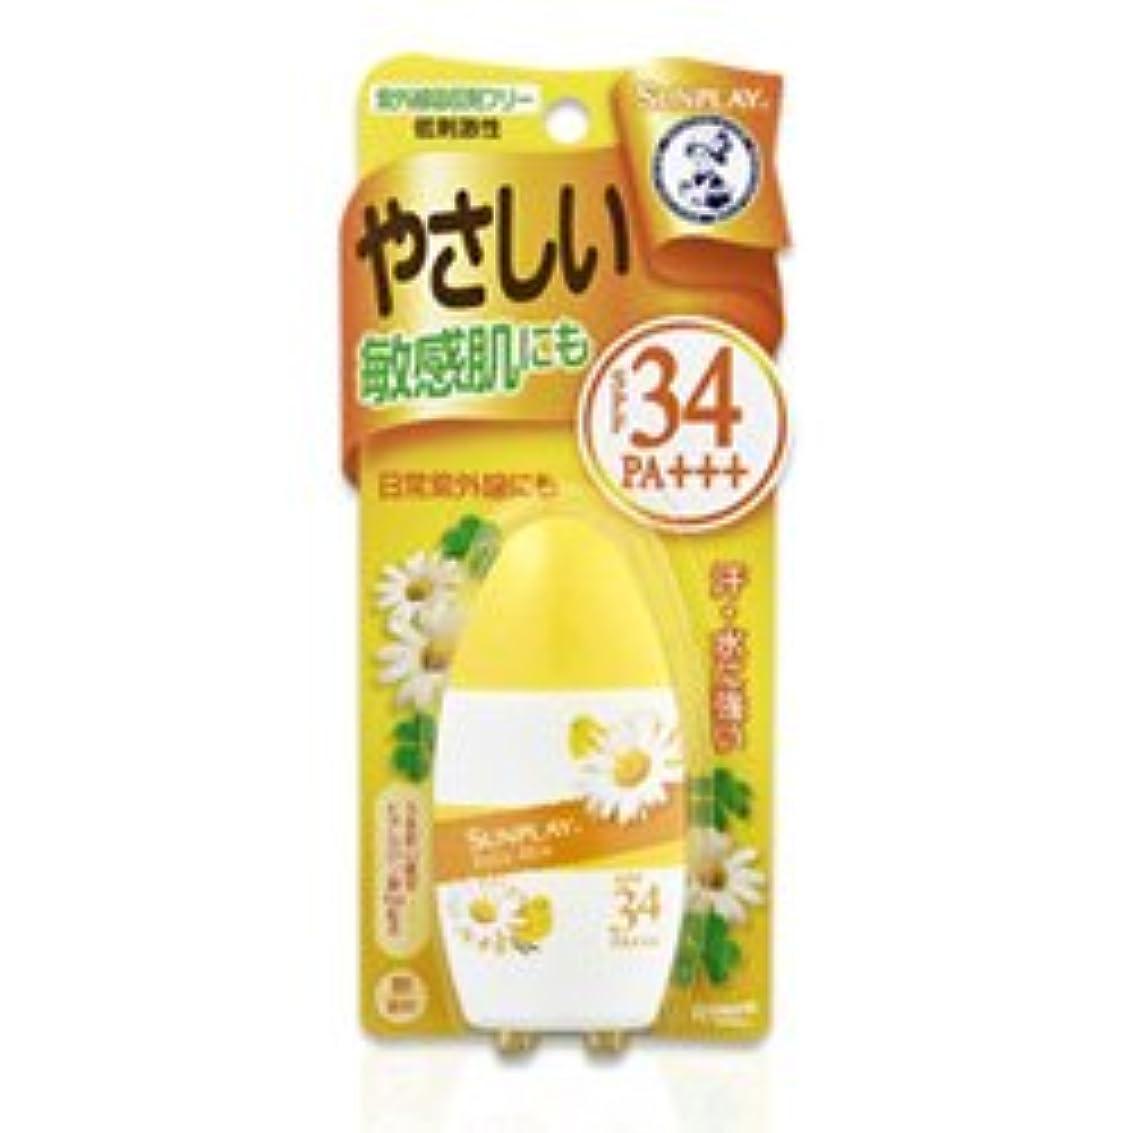 ペスト改善憂鬱な【ロート製薬】メンソレータム サンプレイ ベビーミルク 30g ×3個セット